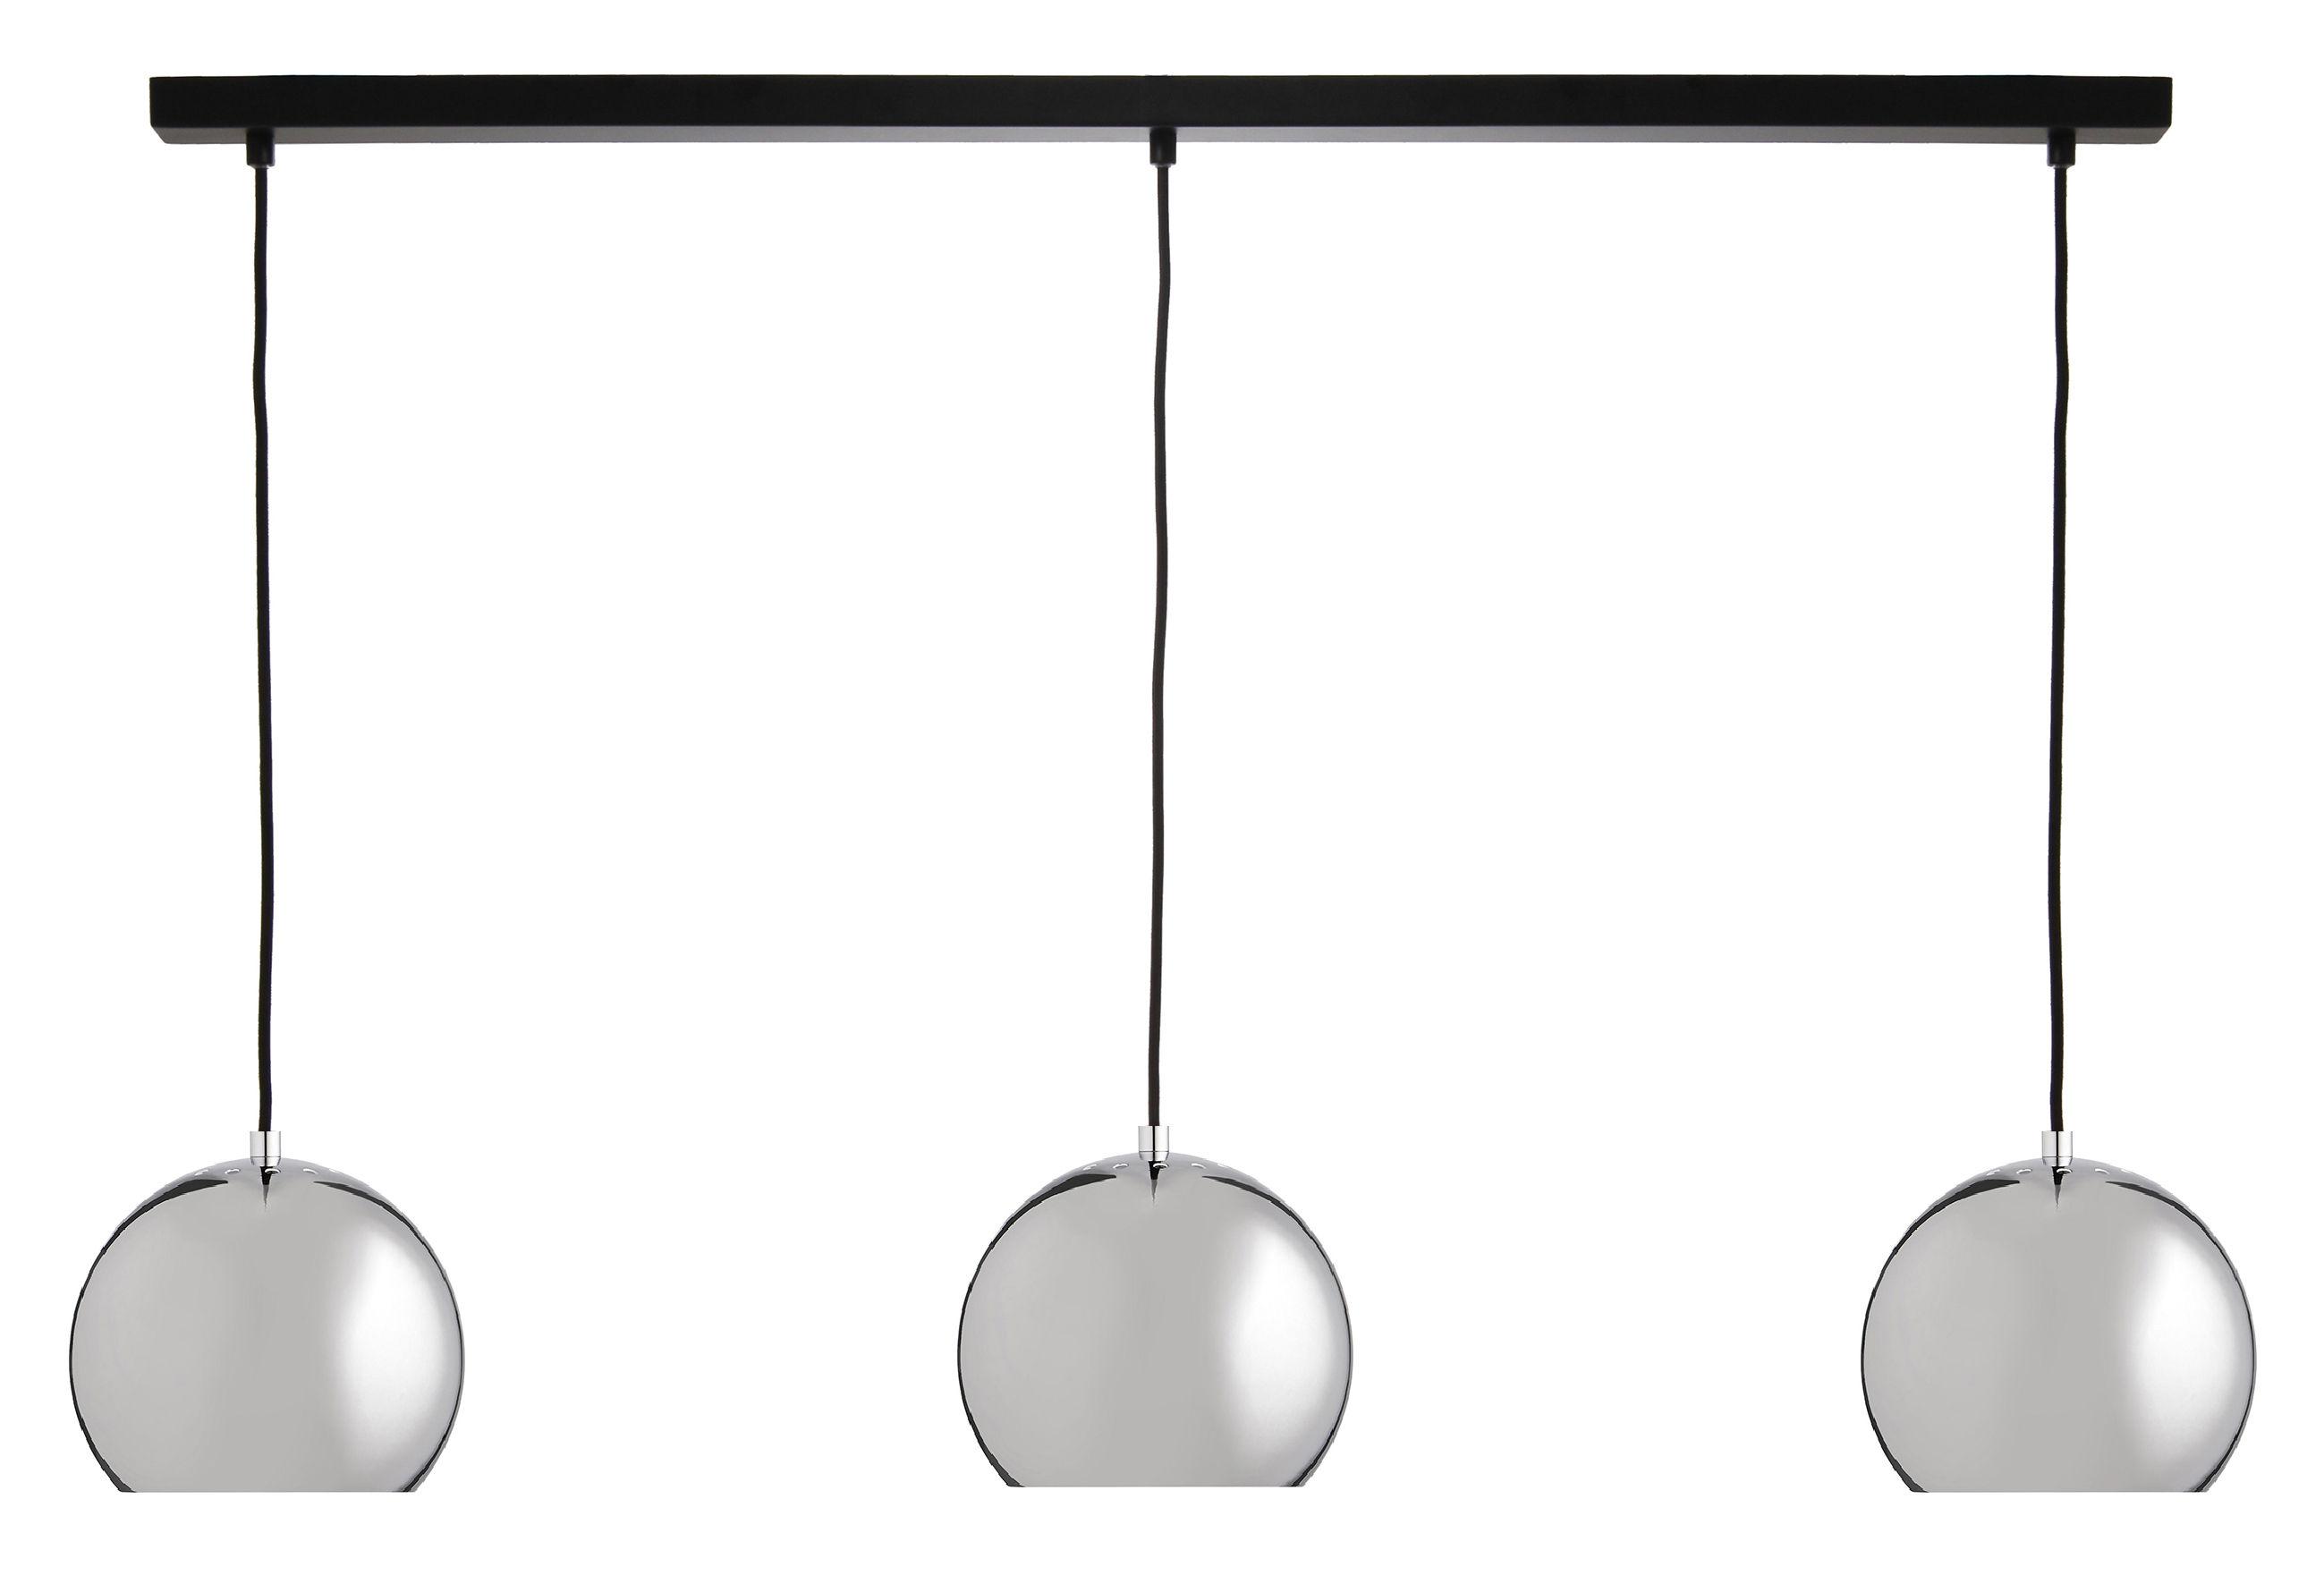 Luminaire - Suspensions - Suspension Ball Track / 3 éléments - L 100 cm - Frandsen - Chromé - Métal, Tissu